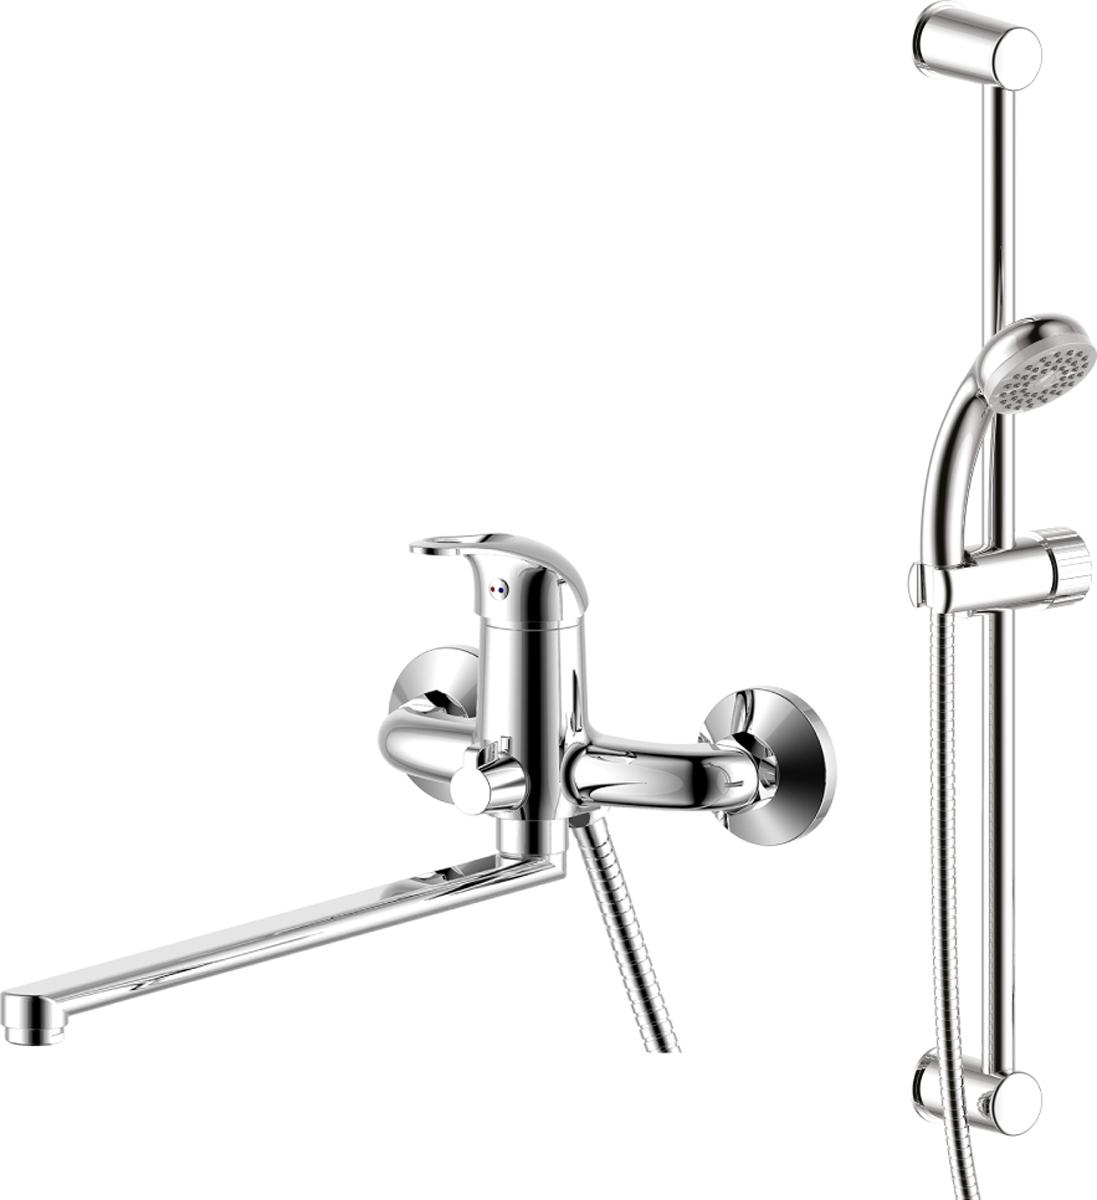 Смеситель Rossinka, 2 в 1. SET35-82SET35-82SET35-82. Набор для ванной комнаты «2 в 1».Смеситель для умывальника монолитный:• пластиковый аэратор с функцией легкой очистки• керамический картридж 35 мм• гибкая подводка 30 см – 2 шт.• присоединительная группа для горизонтального крепления• металлическая рукояткаДушевой гарнитур:• душевая стойка• аксессуары в комплекте (шланг 1,5 м, настенное крепление, 1-функциональная лейка с функцией легкой очистки)• присоединительная группа для настенного крепленияСмесители Rossinka были разработаны российским институтом «НИИ Сантехники», что позволило произвести продукт, максимально подходящий под условия эксплуатации в нашей стране (жесткая вода, частые перепады температуры и напора воды).«НИИ Сантехники» рекомендует установку смесителей Rossinka в жилых помещениях, в детских, лечебно-профилактических, дошкольных и школьных учреждениях.Наличие международного сертификата ISO 9001 гарантирует стабильность качества выпускаемой продукции.Сервисная сеть насчитывает 90 гарантийных мастерских по России и странам СНГ.Плановый срок службы смесителей 30 лет.Гарантия на смесители 7 лет.